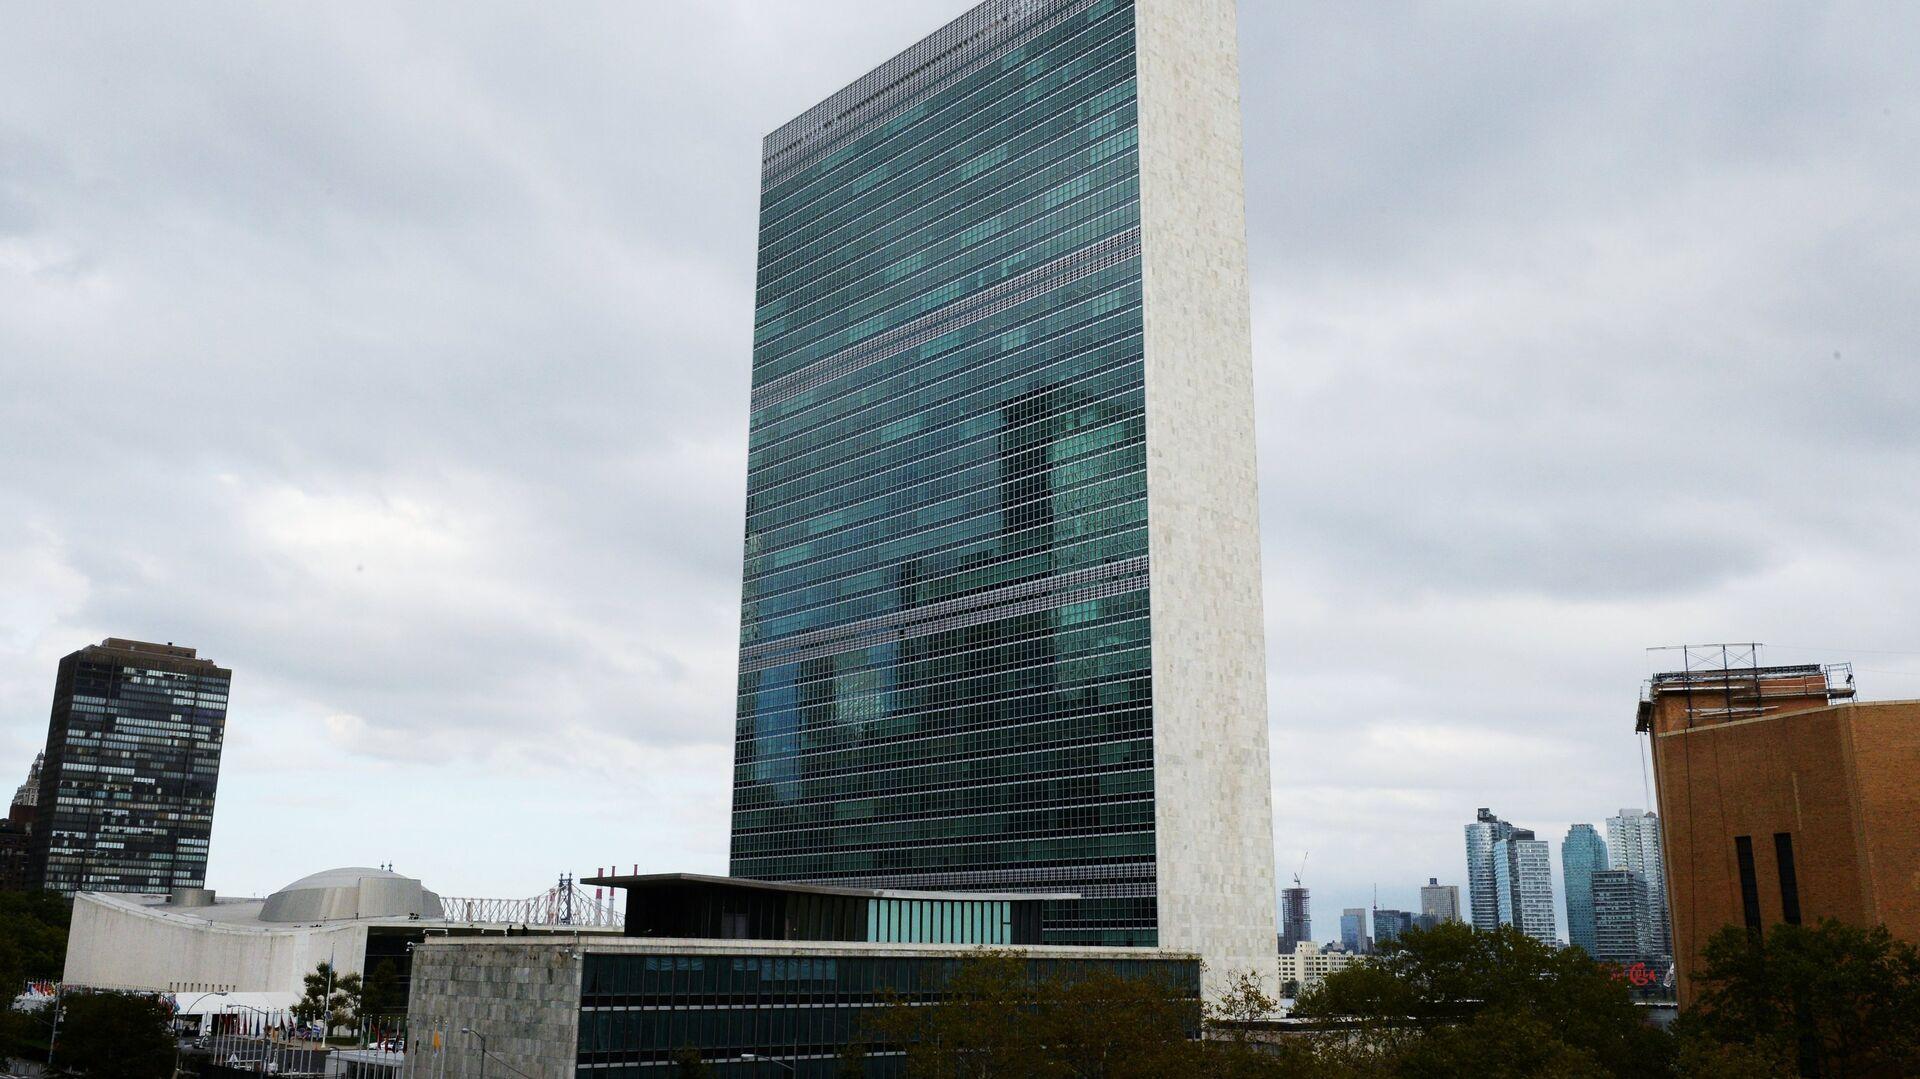 Штаб-квартира Организации Объединенных Наций в Нью-Йорке, США - РИА Новости, 1920, 26.02.2020